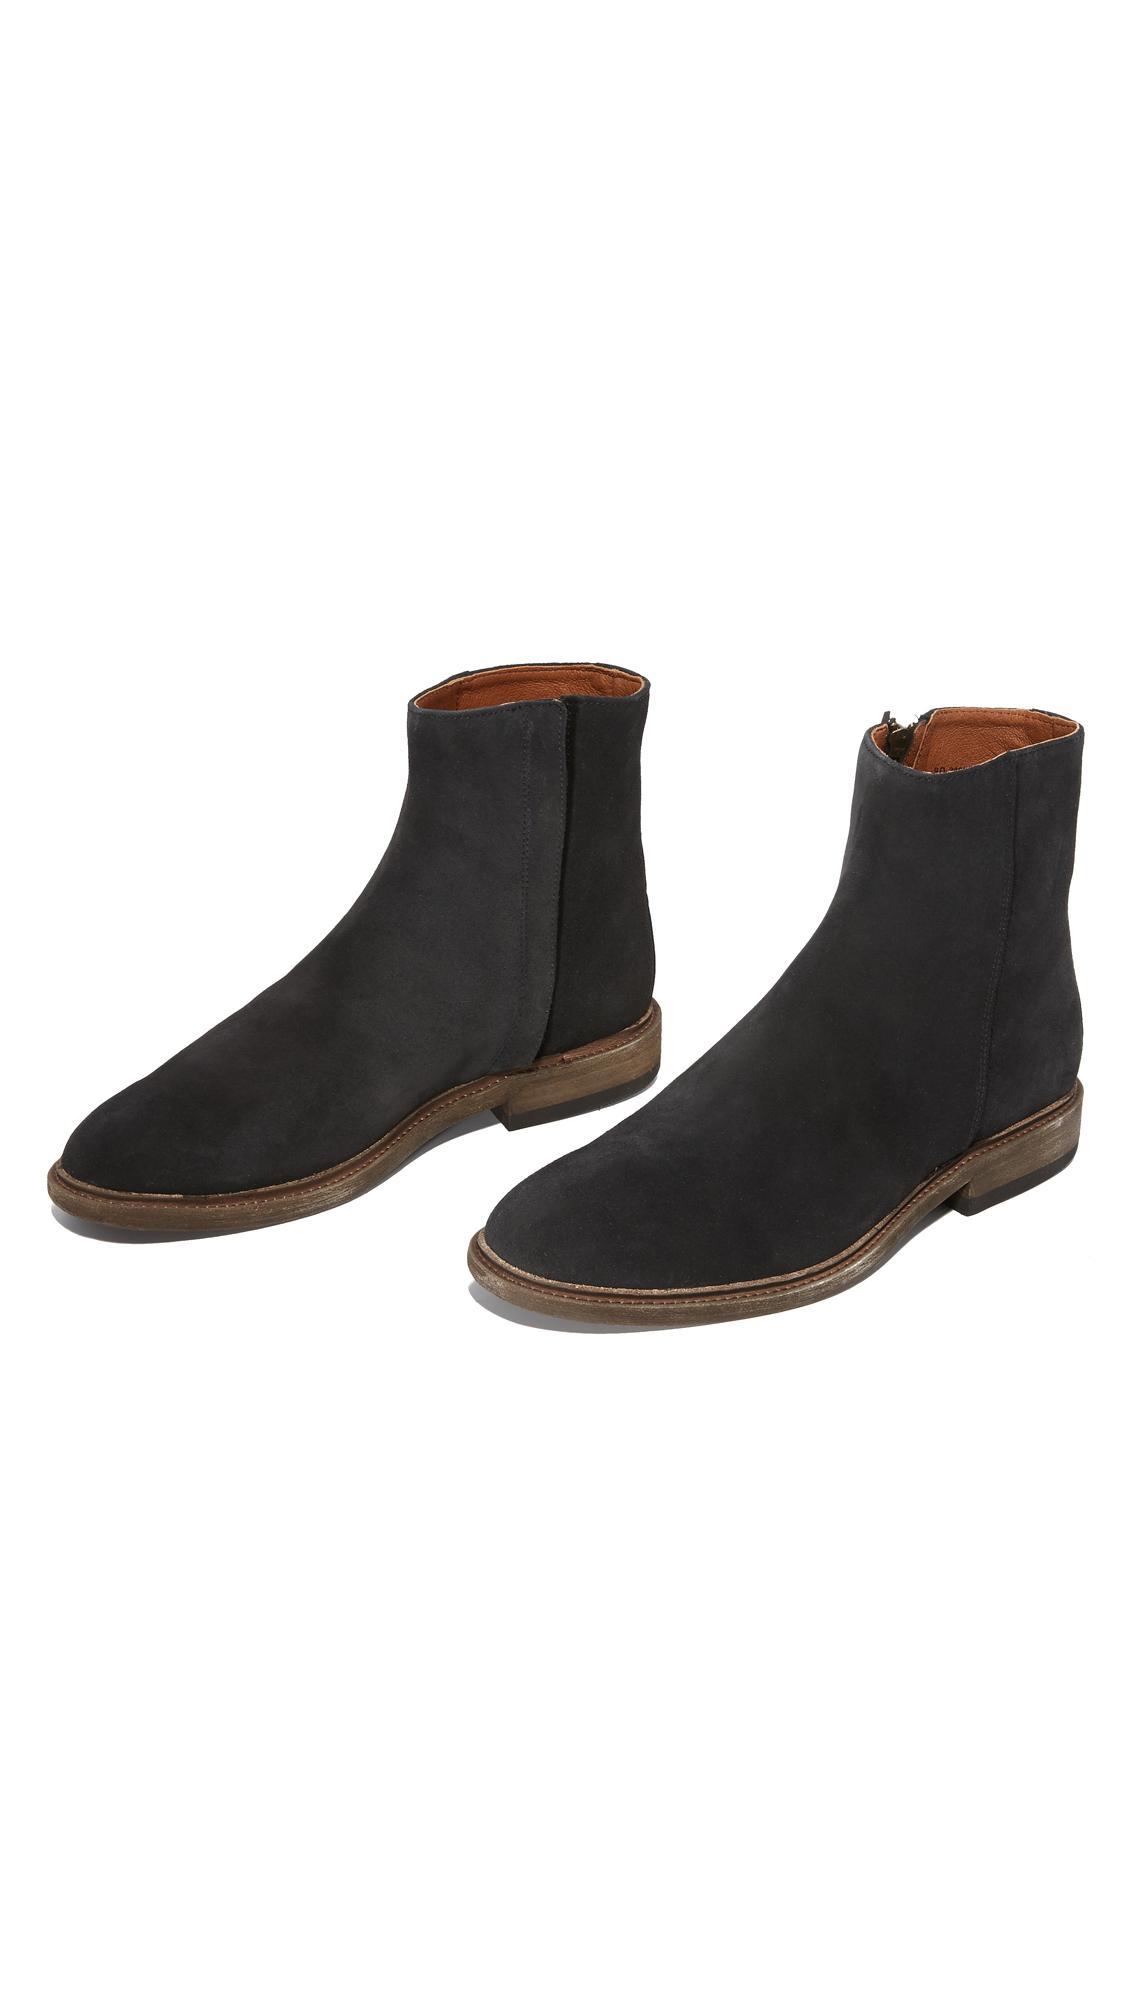 42c99f666fa Lyst - Frye Chris Inside Zip Boots in Black for Men